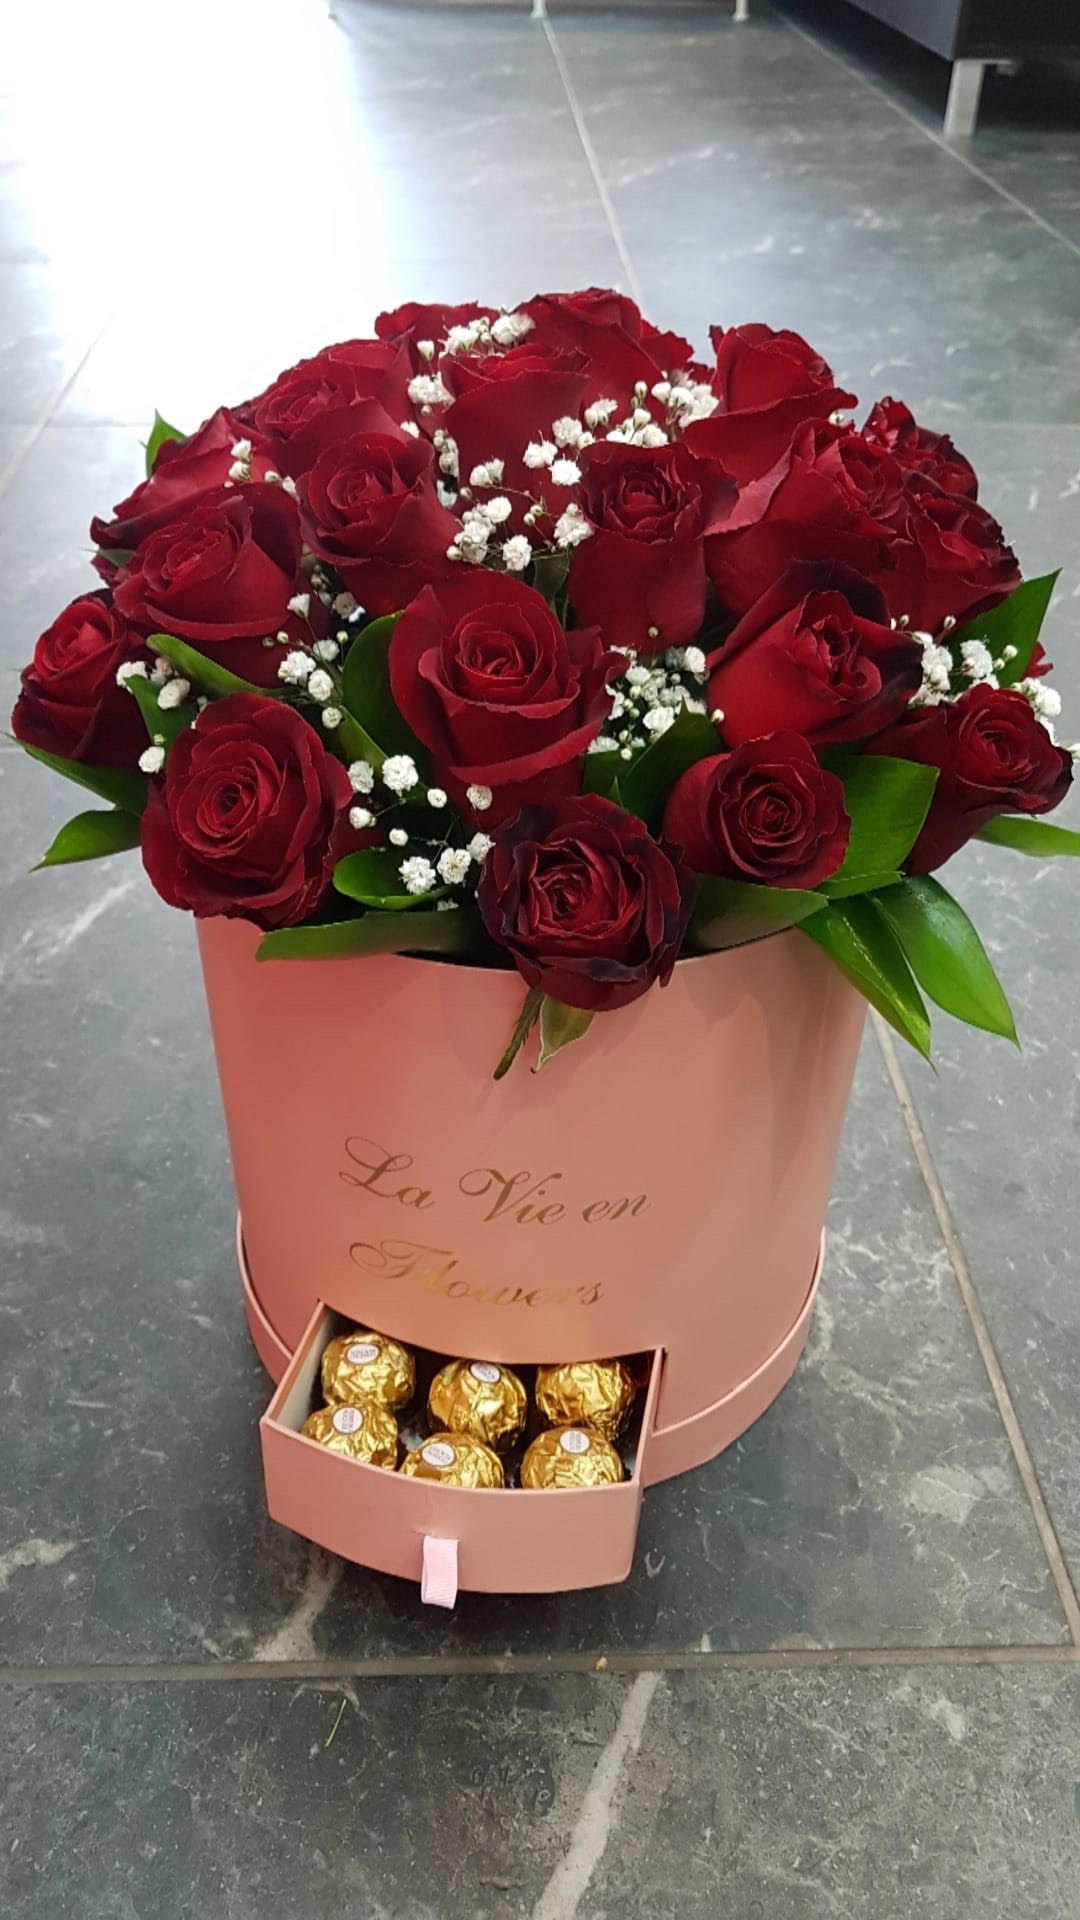 פלאוור בוקס + פררו רושה - פרח באהבה - אילת